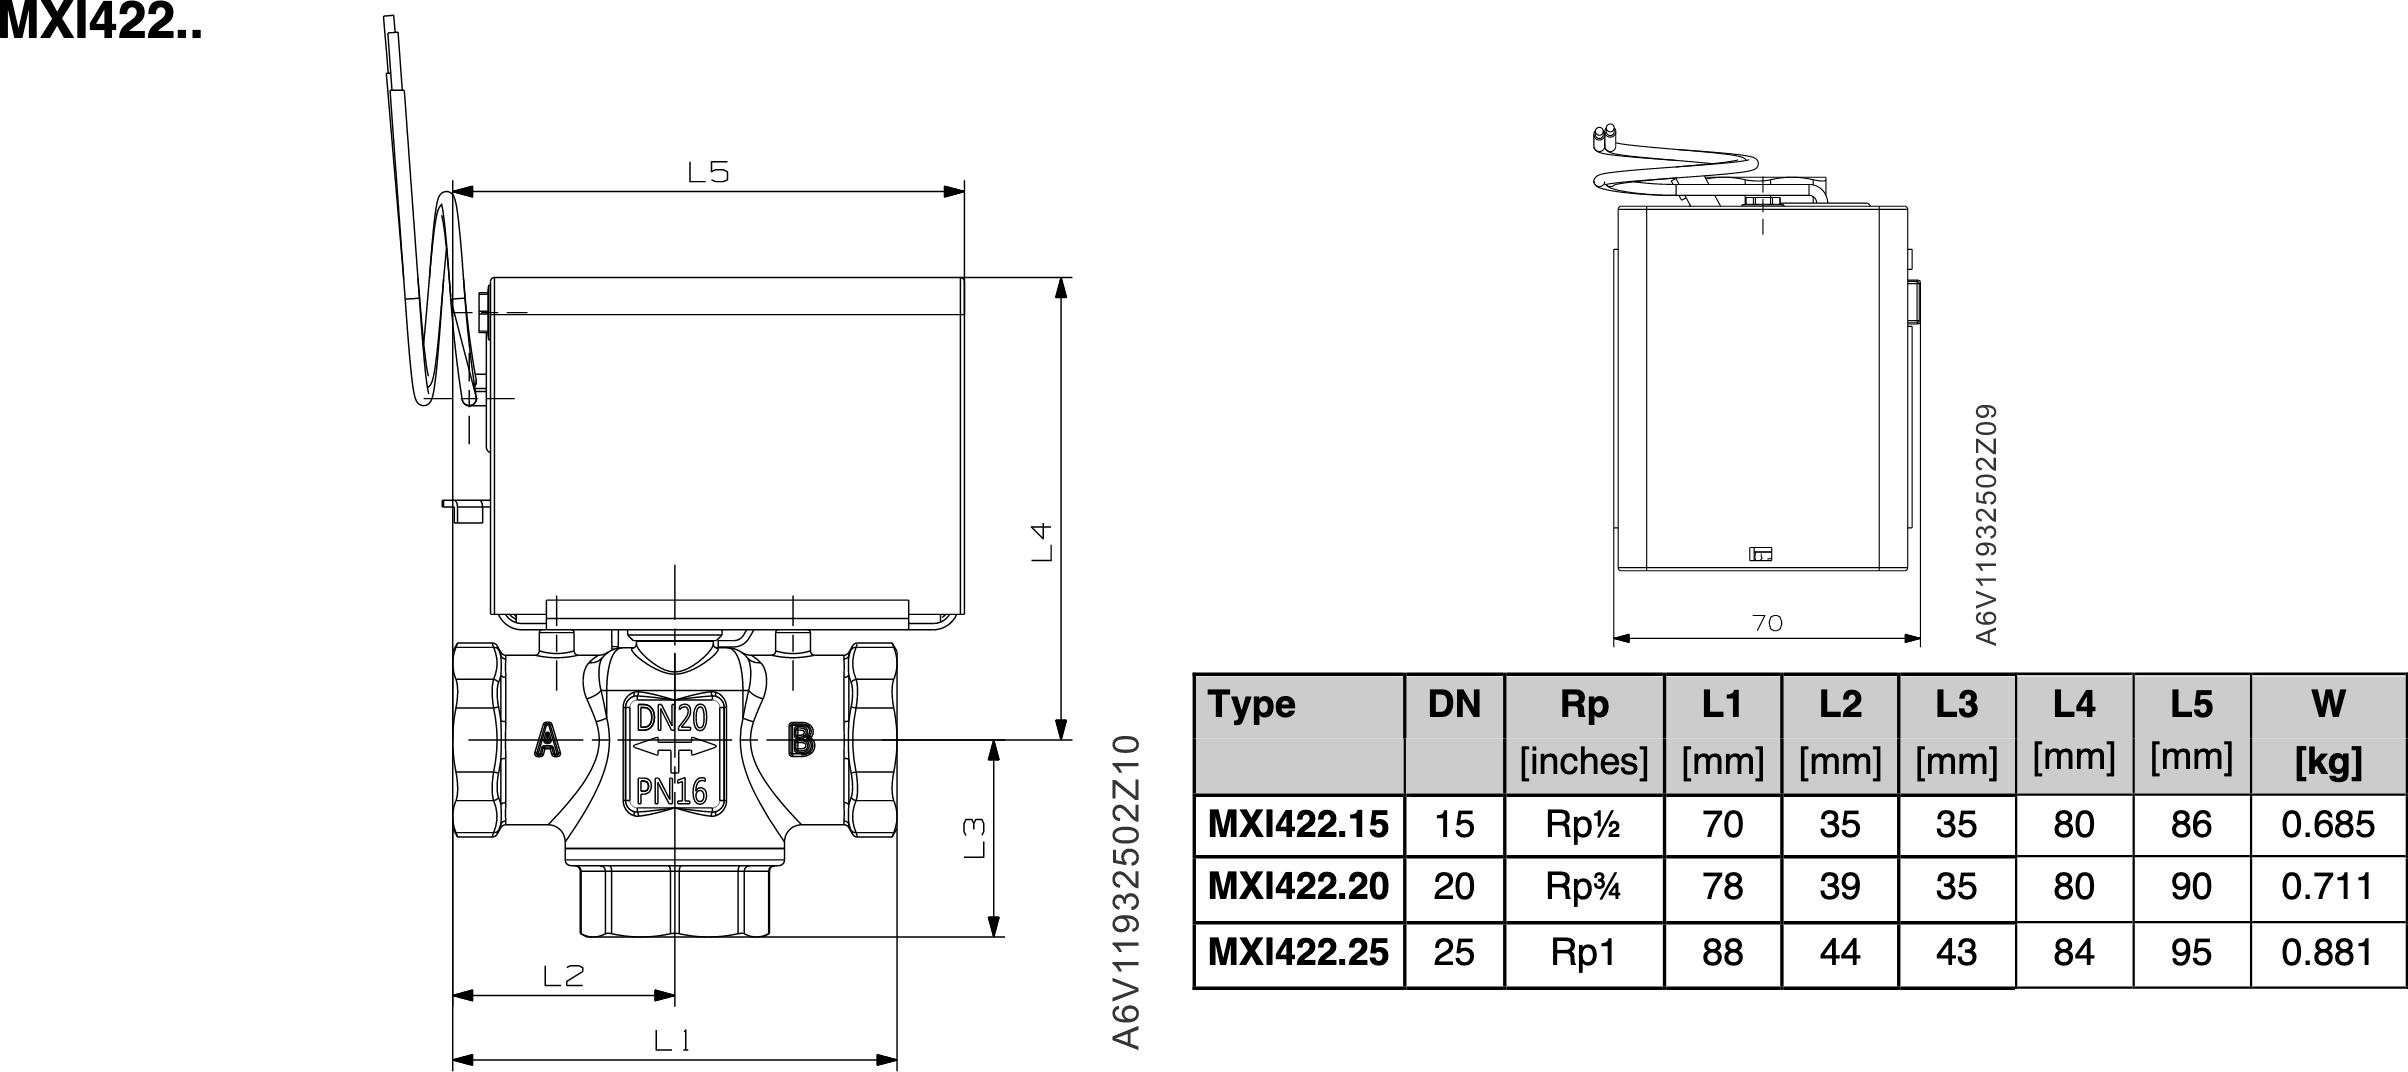 西門子 不鏽鋼 兩線式三通閥 Siemens MXI422.20 MXI422.25 MXI422.15